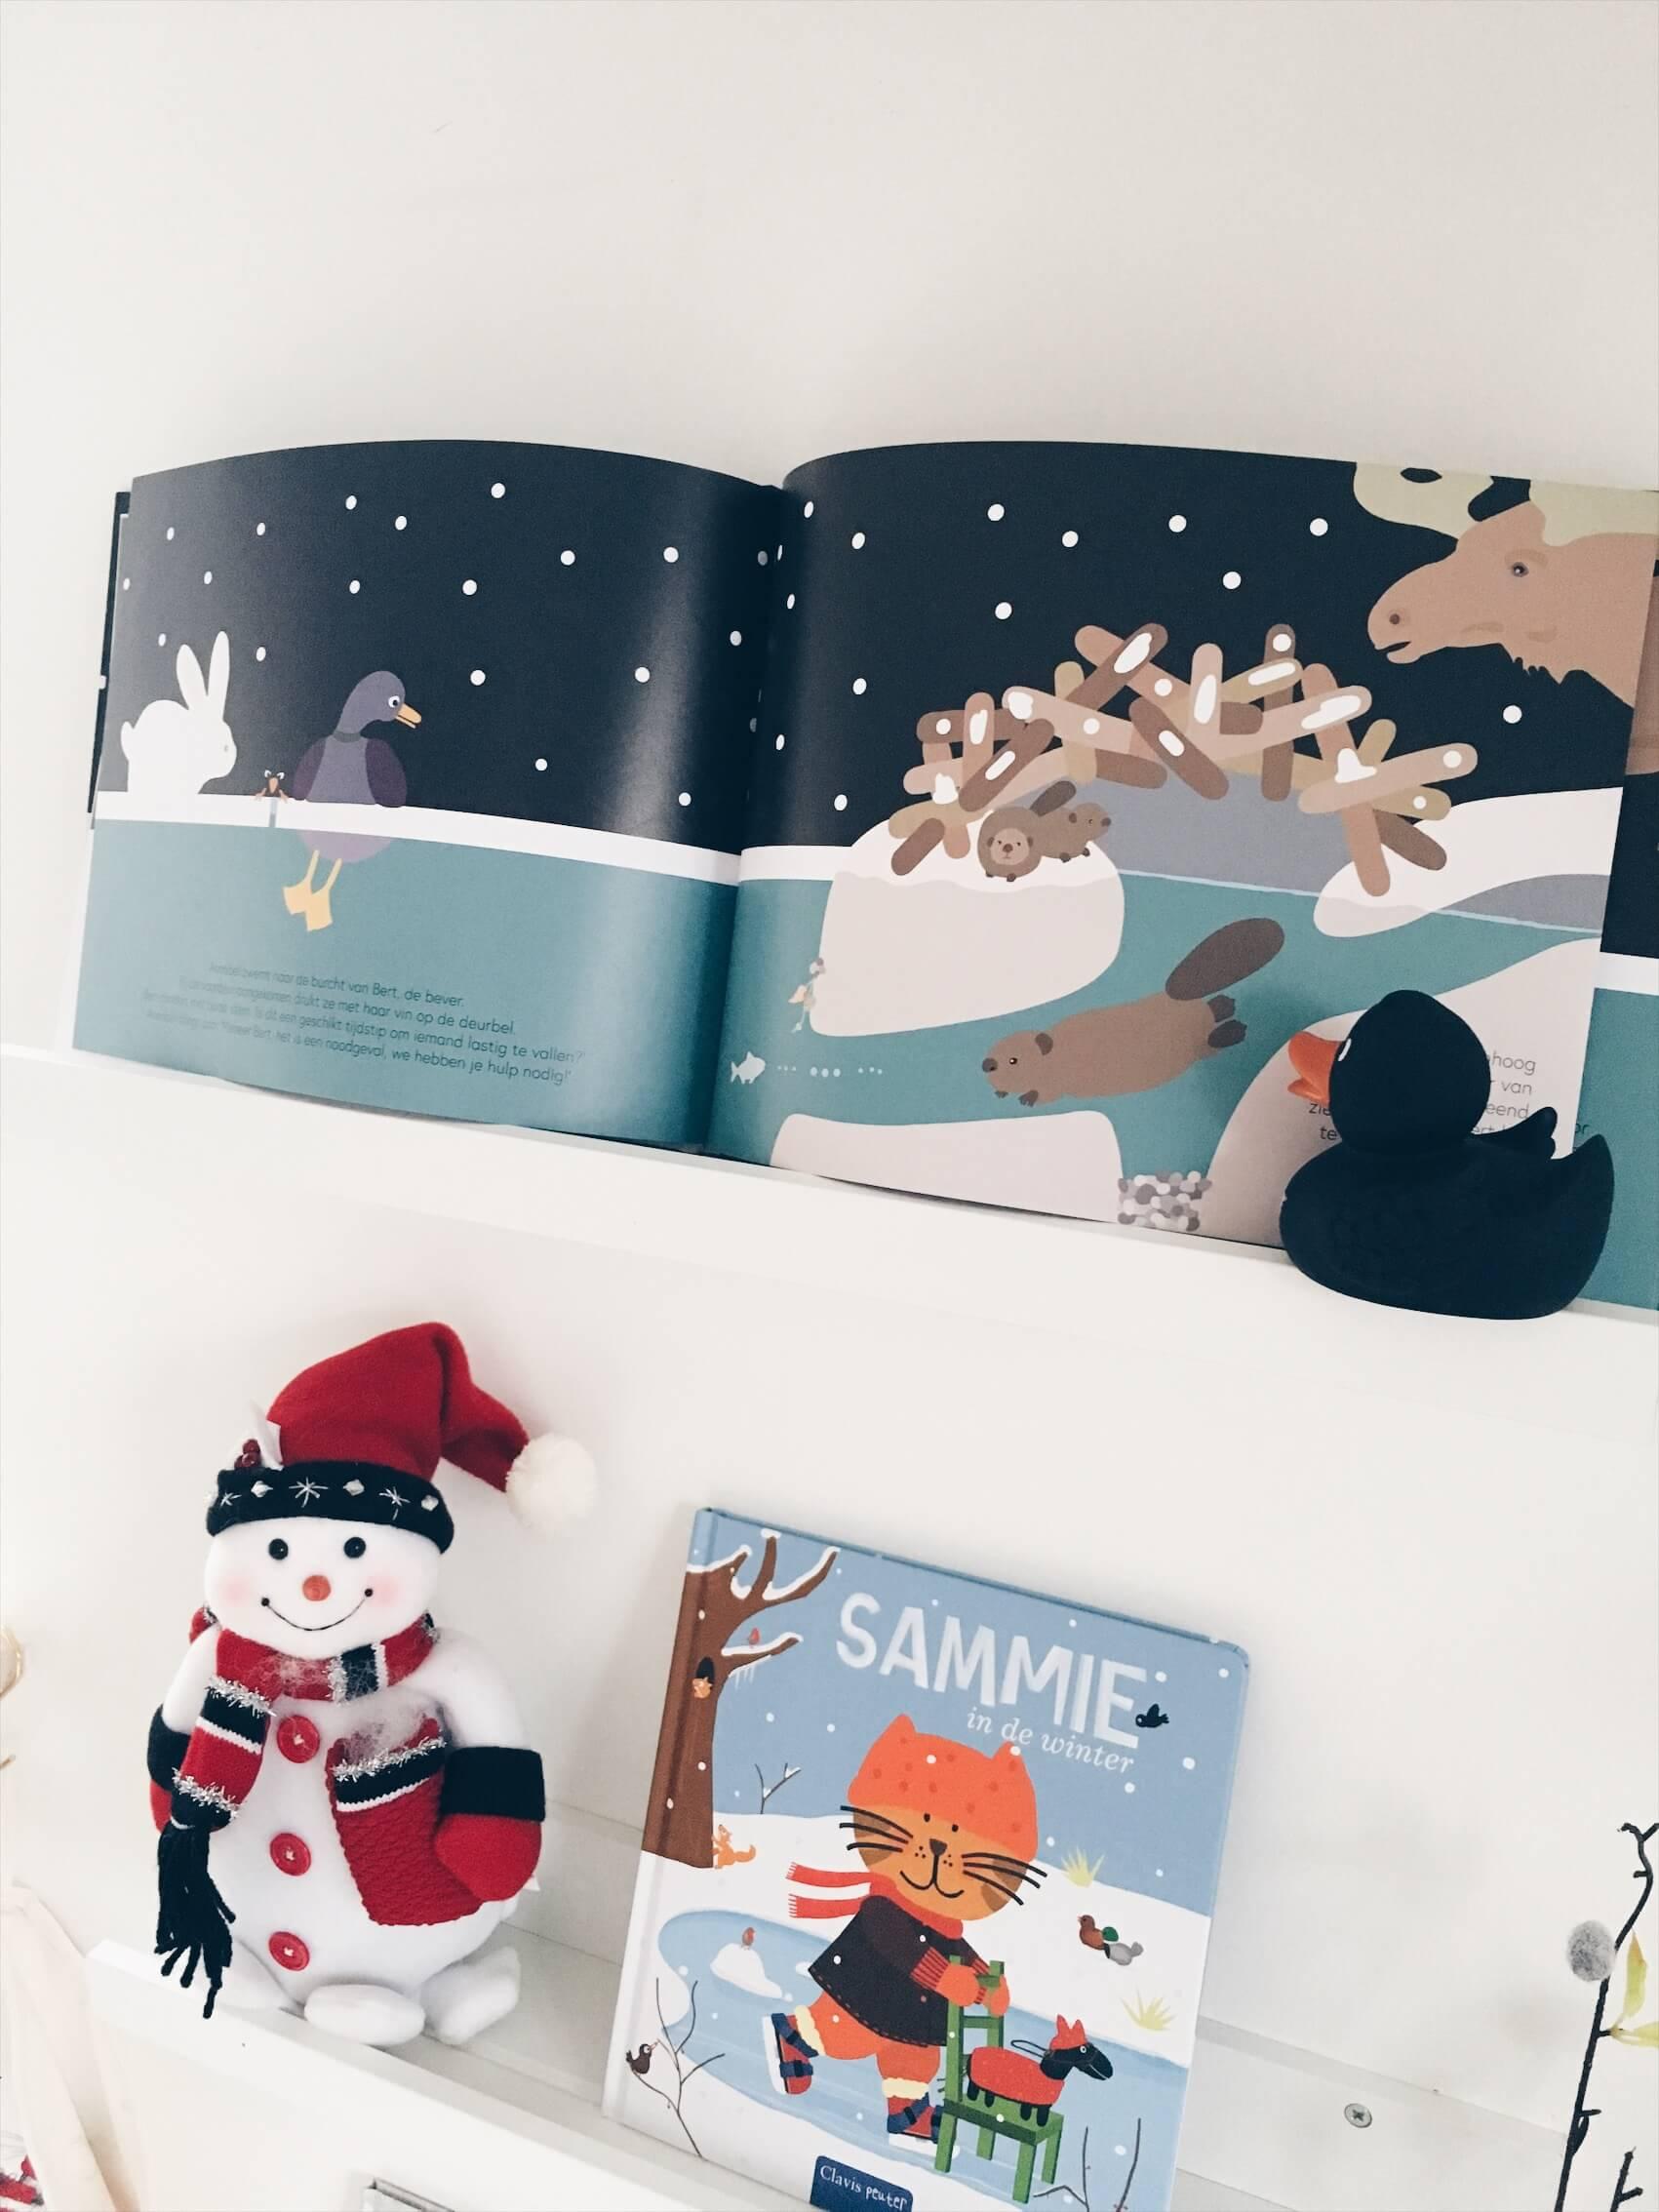 8386B1D8 E6A6 4828 803D 8CB8AD0D86A7 - Leuke en mooie (prenten)boeken voor de winterdagen